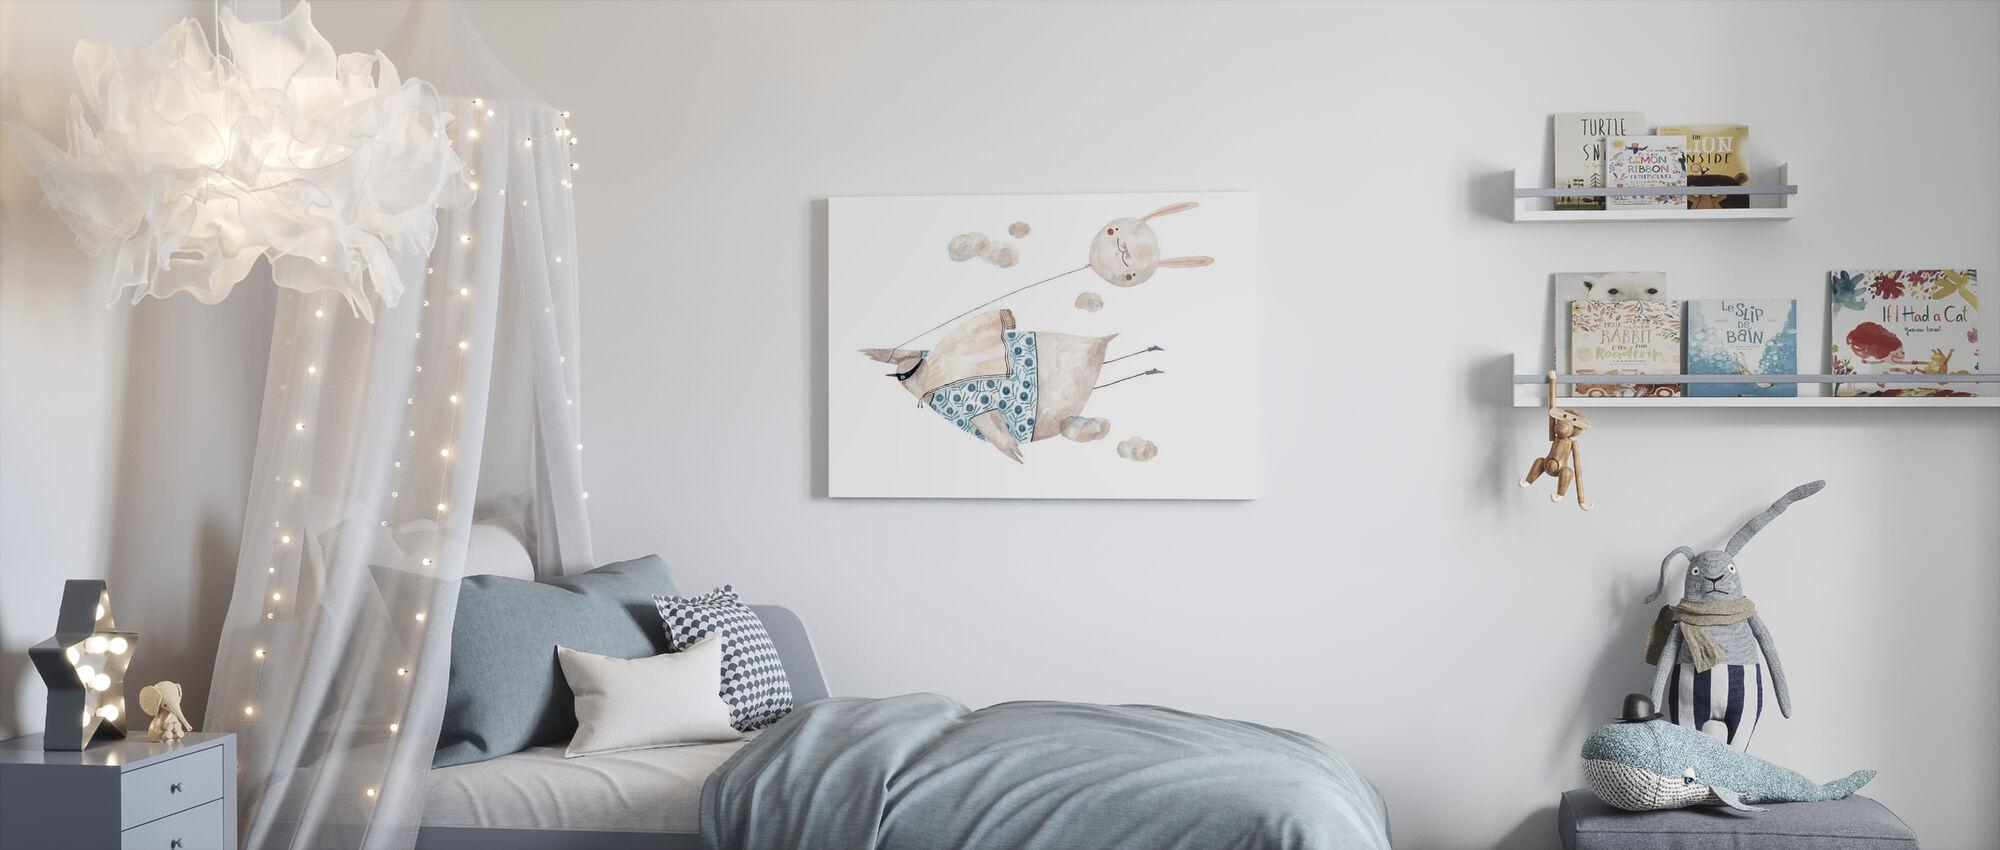 superpower - Canvas print - Kids Room